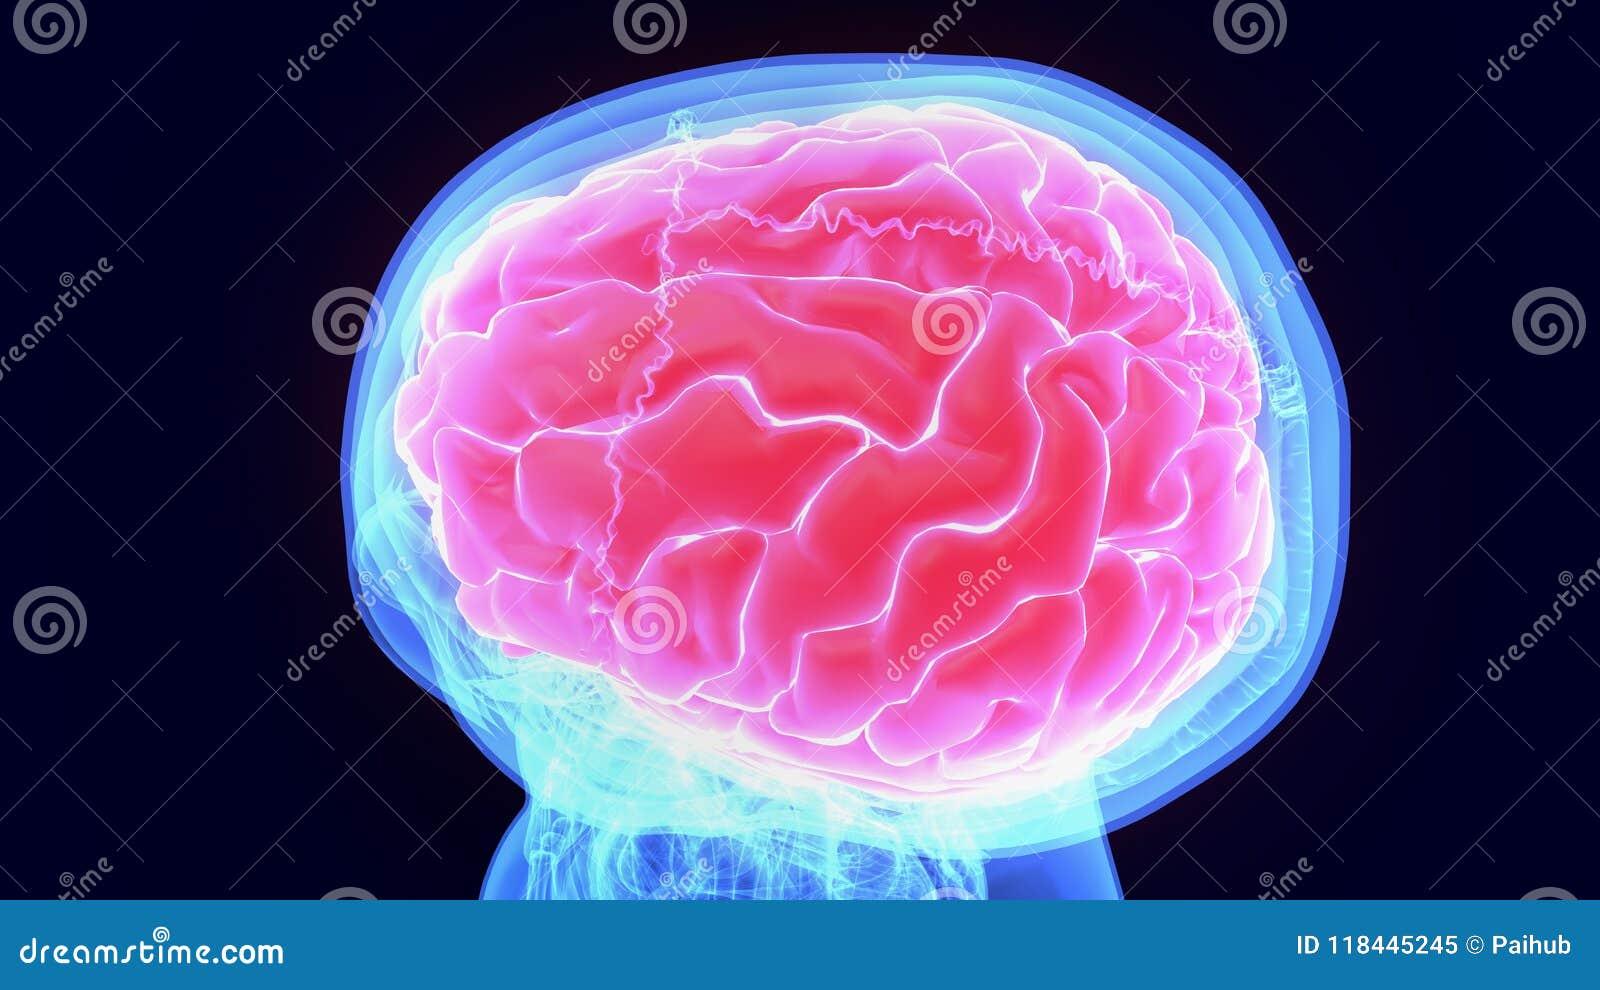 3d illustratie van menselijk lichaams organbrain anatomie